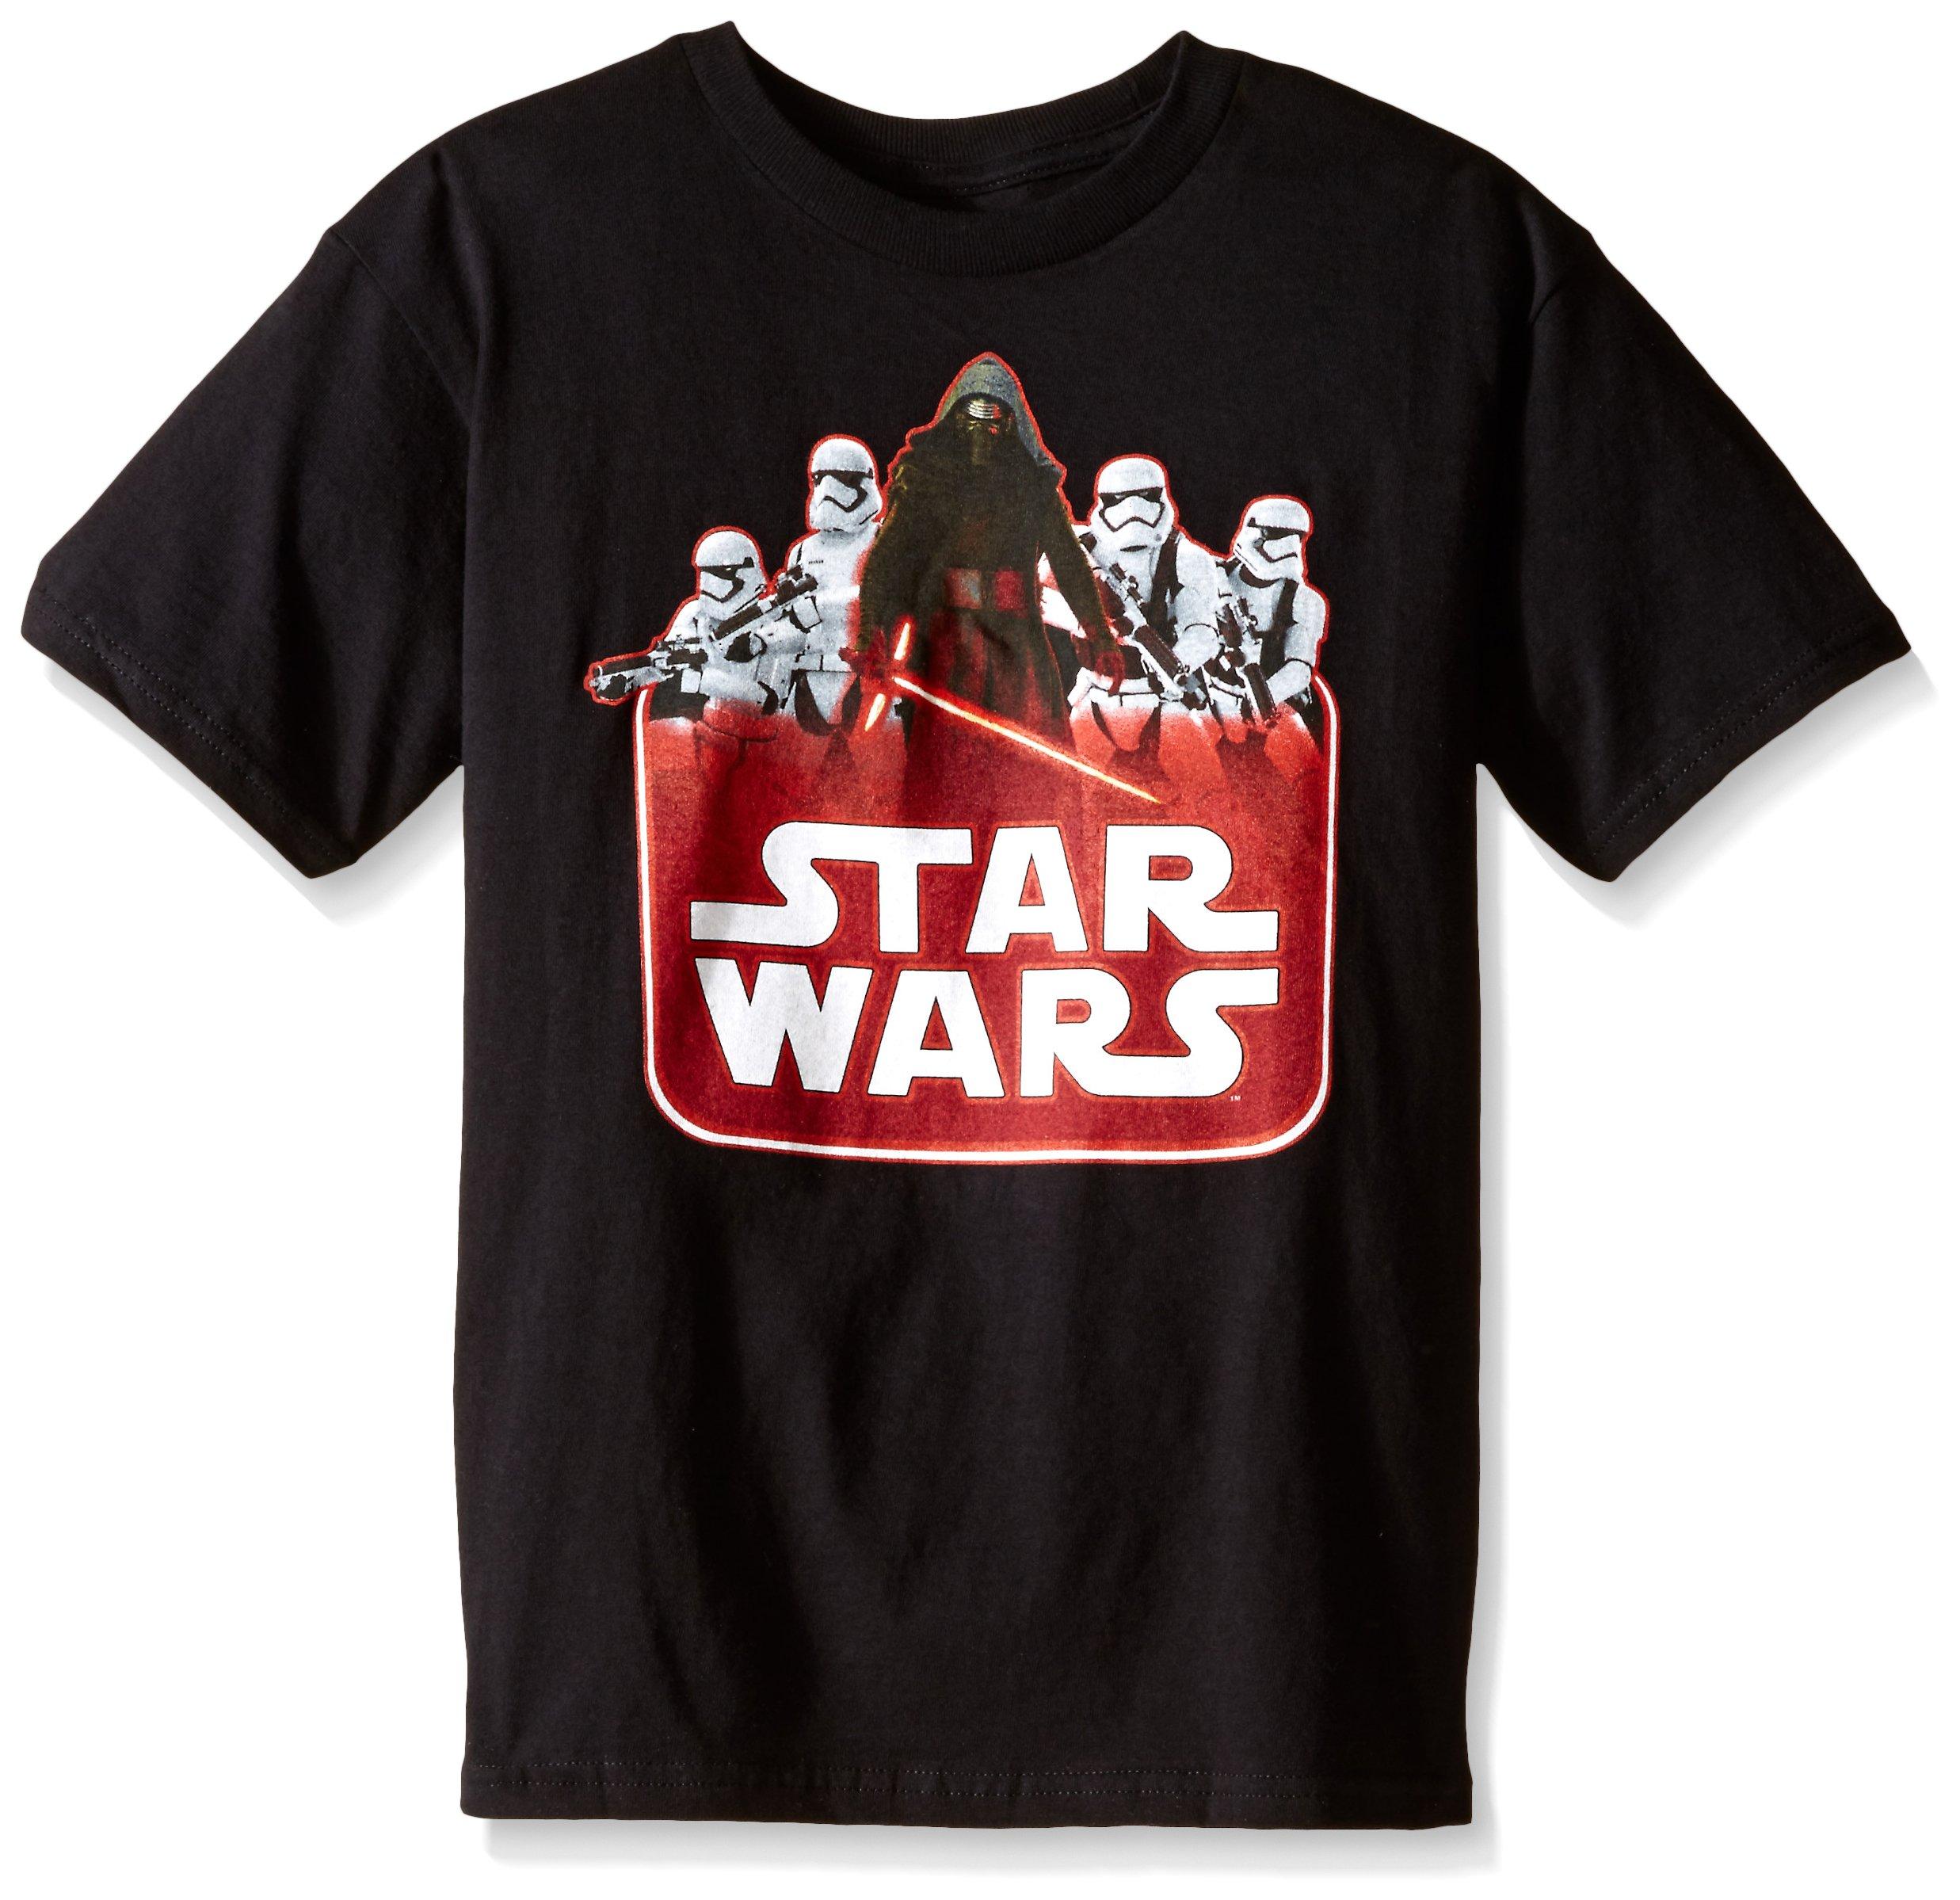 Star Wars Little Boys' Toddler T-Shirt, Logo Black, 2T